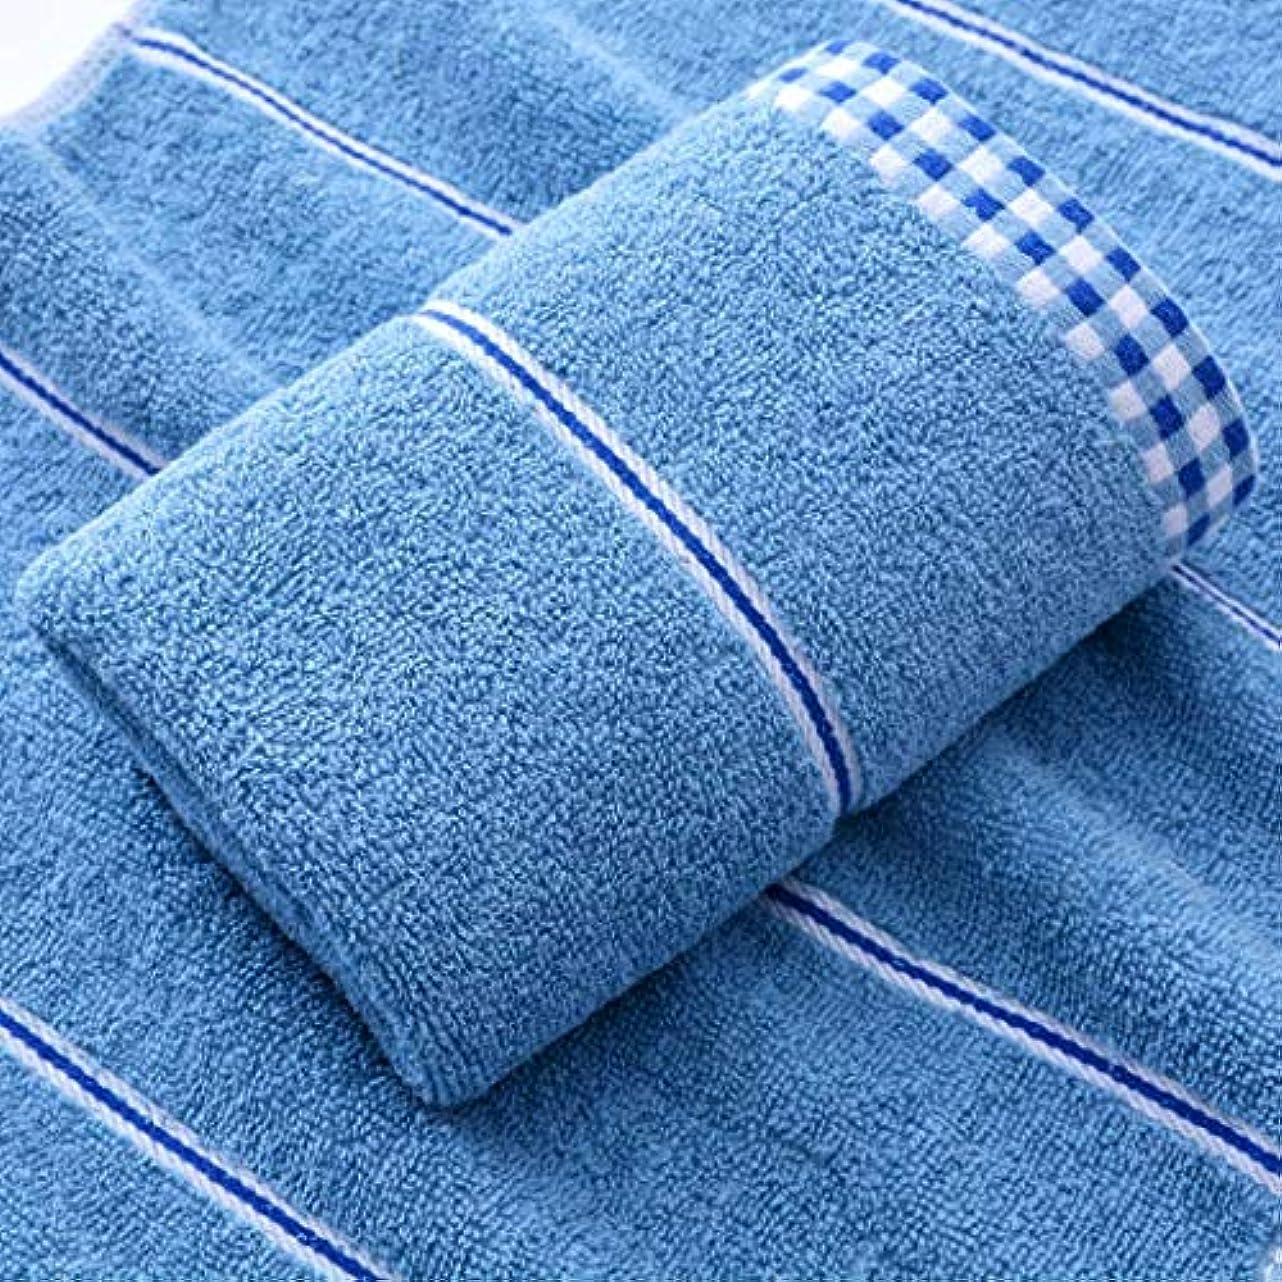 分析テザー寺院ファッション高級スーパーソフトコットンタオルと速乾性タオル,Blue,33*73cm